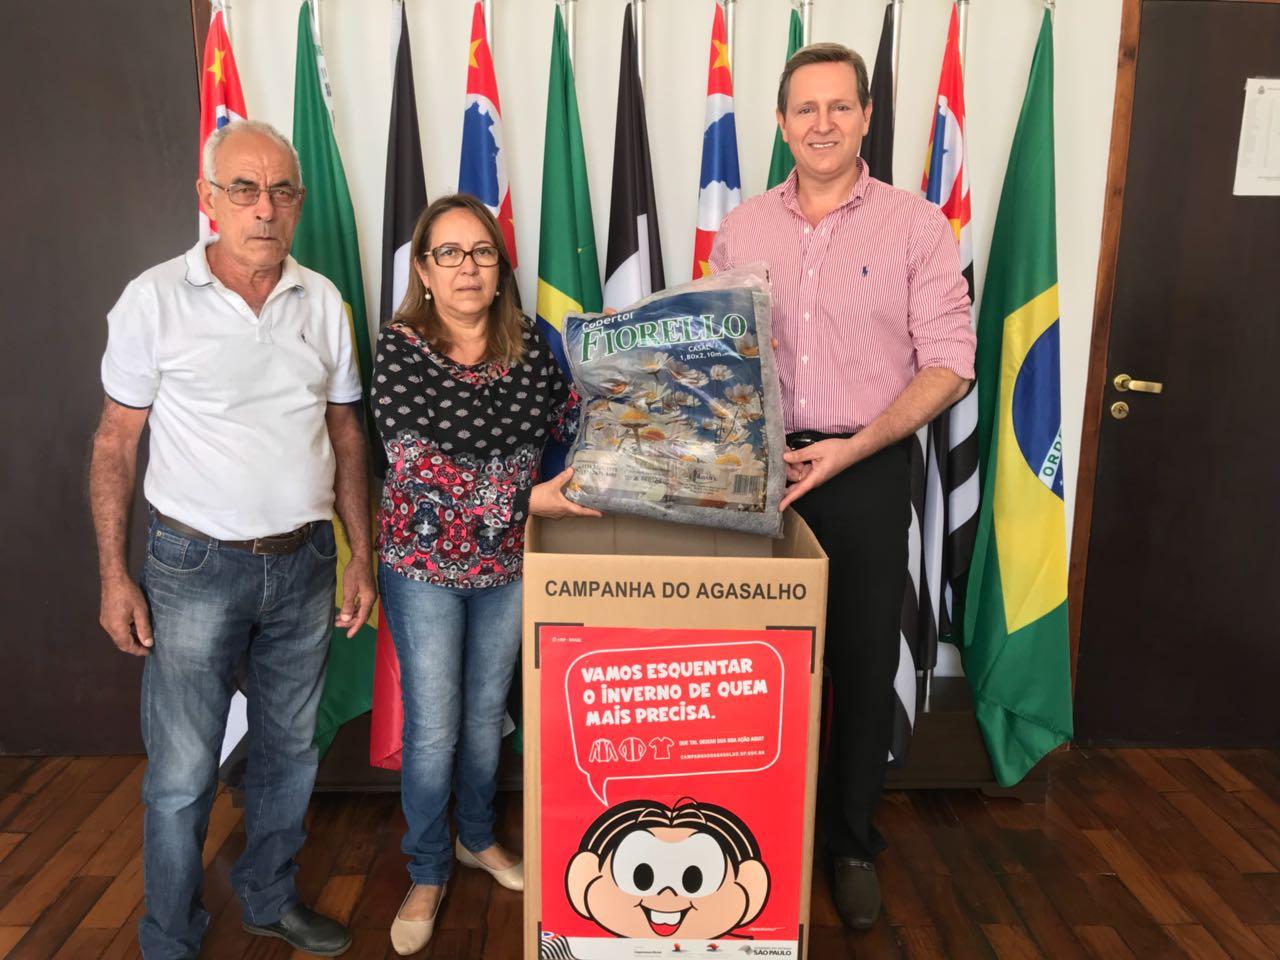 Prefeito de Itararé (SP) lança Campanha do Agasalho 2018